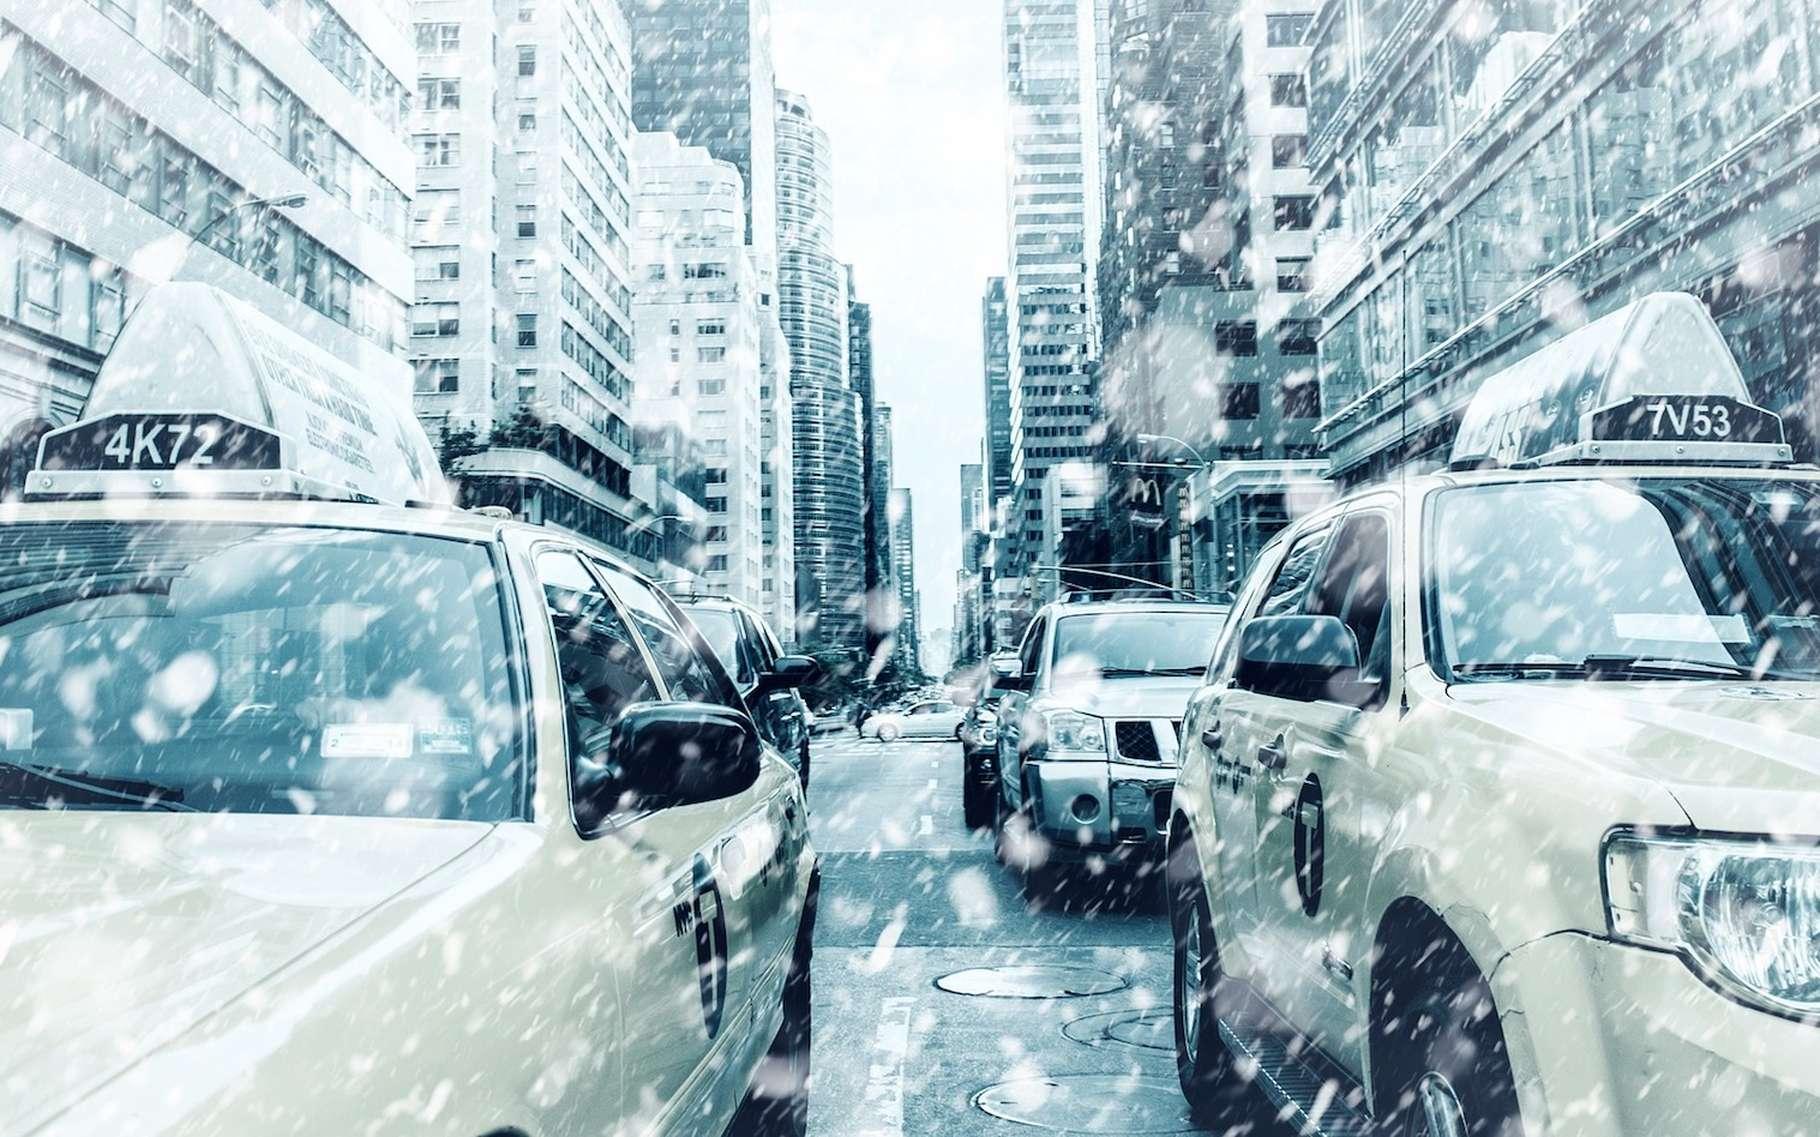 Le terme de vortex polaire a été médiatisé pendant la vague de froid qui a touché l'Amérique du Nord durant l'hiver 2013-2014. © Nick_H, Pixabay, CC0 Creative Commons